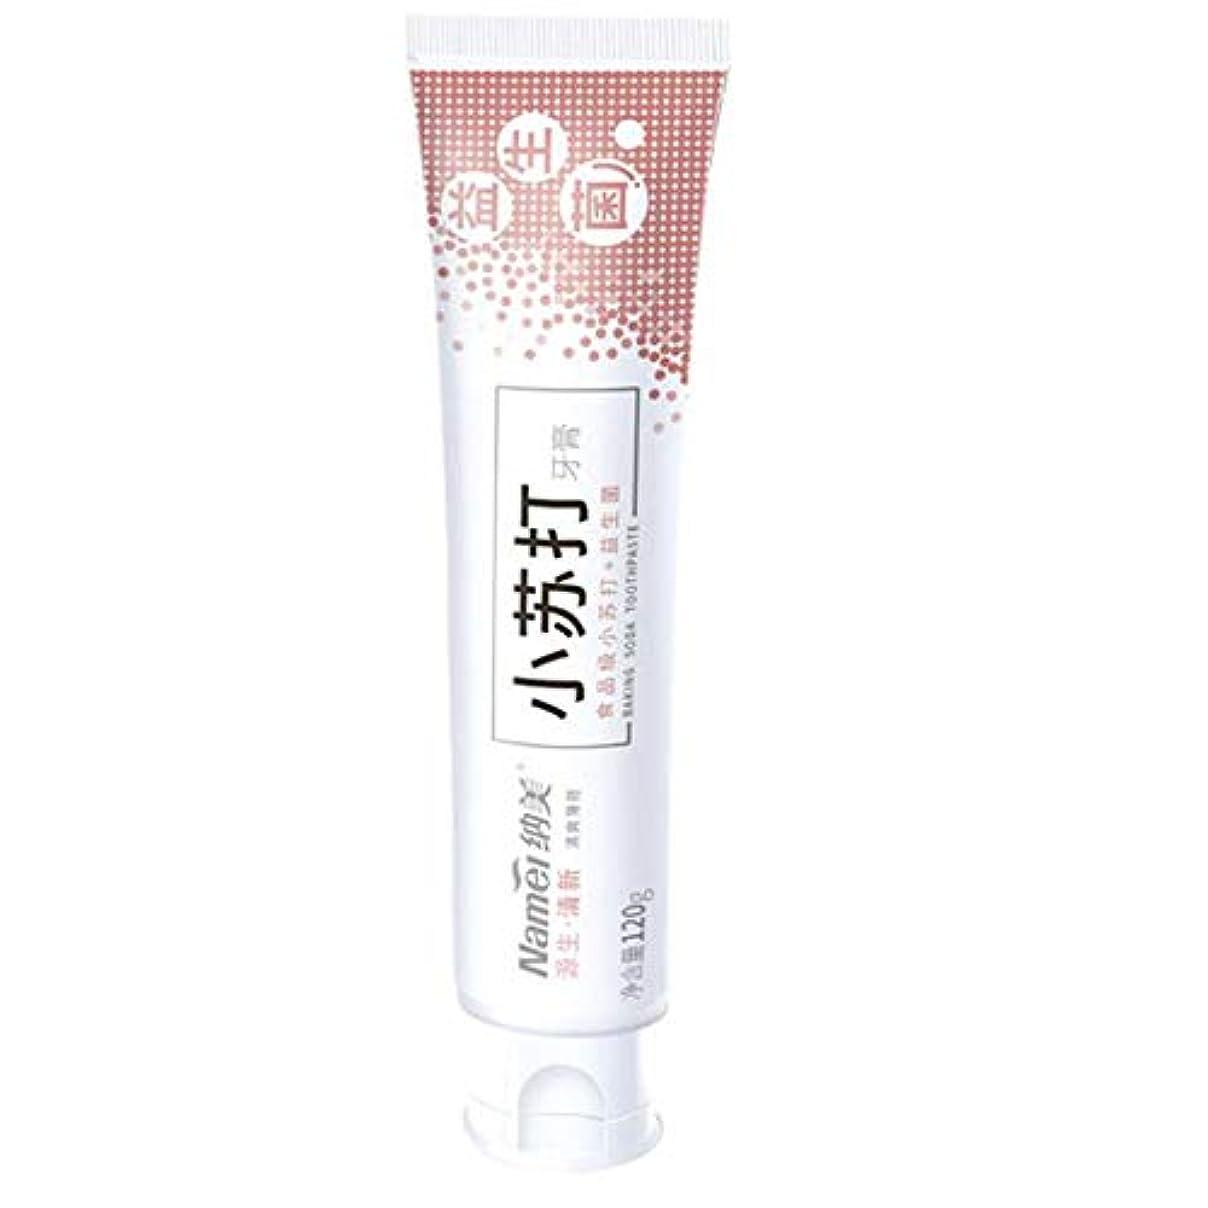 ドライブ迅速クリークCalloy クリア 汚れ クリーン 歯 歯磨き粉 歯茎を守る 海塩 美白 歯磨き粉 120g